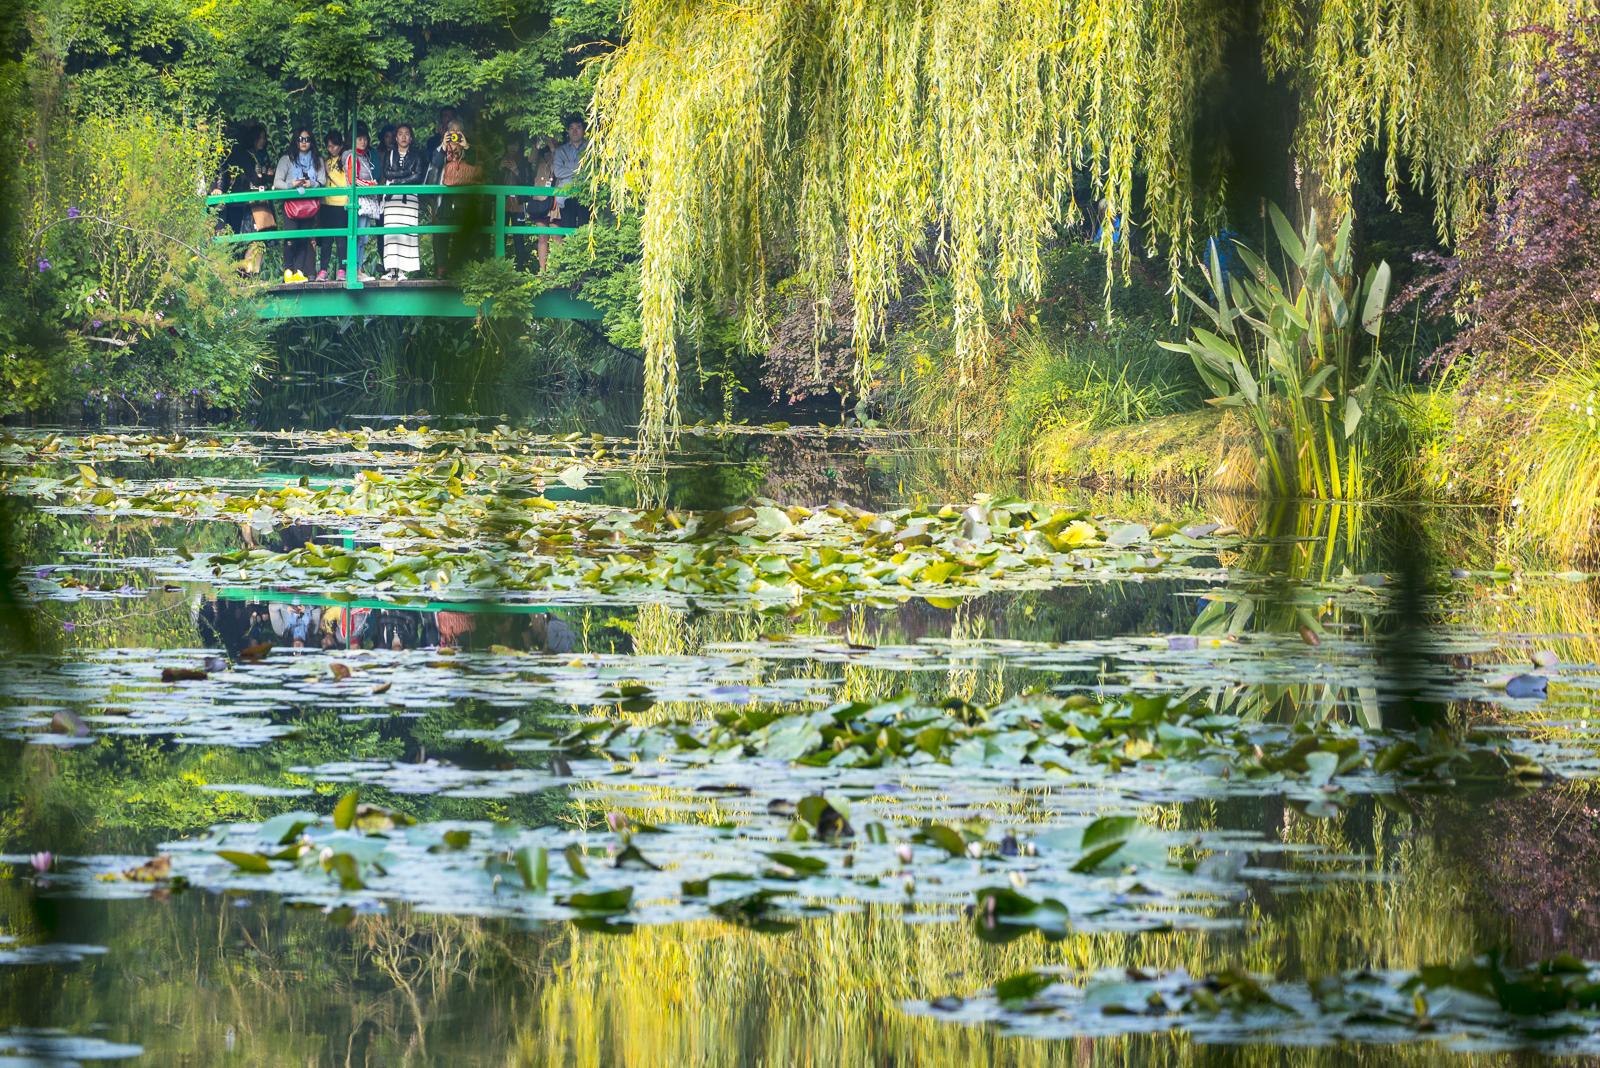 Monet's footbridge, Giverny